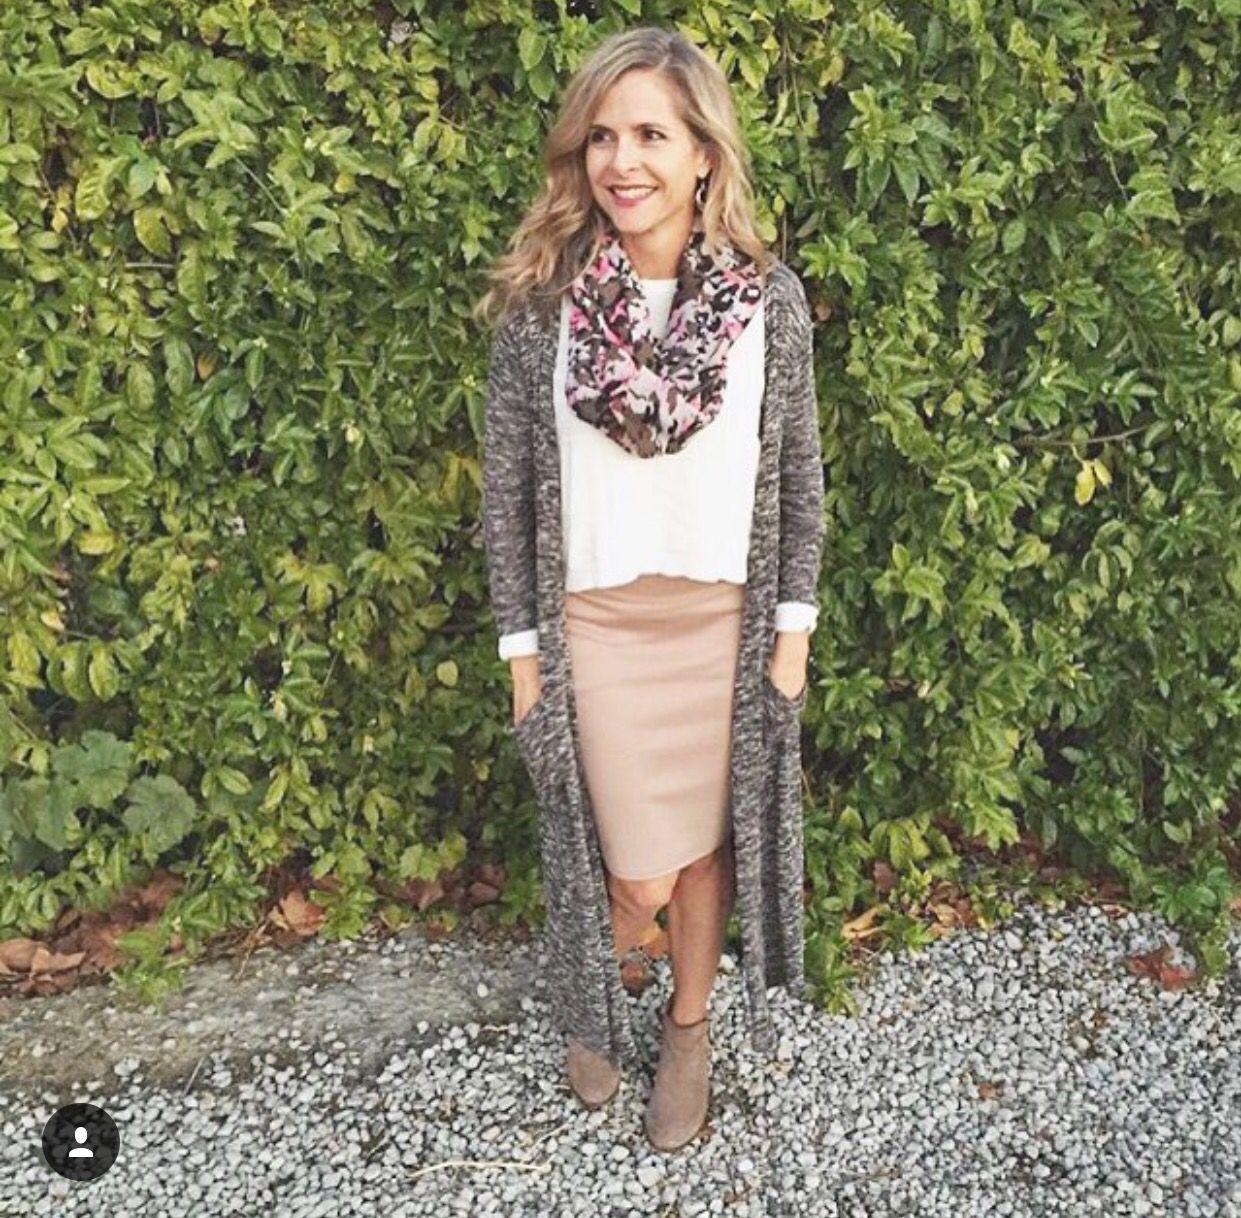 Sarah cardigan | LuLaRoe Clothing | Pinterest | Clothes, Lula roe ...